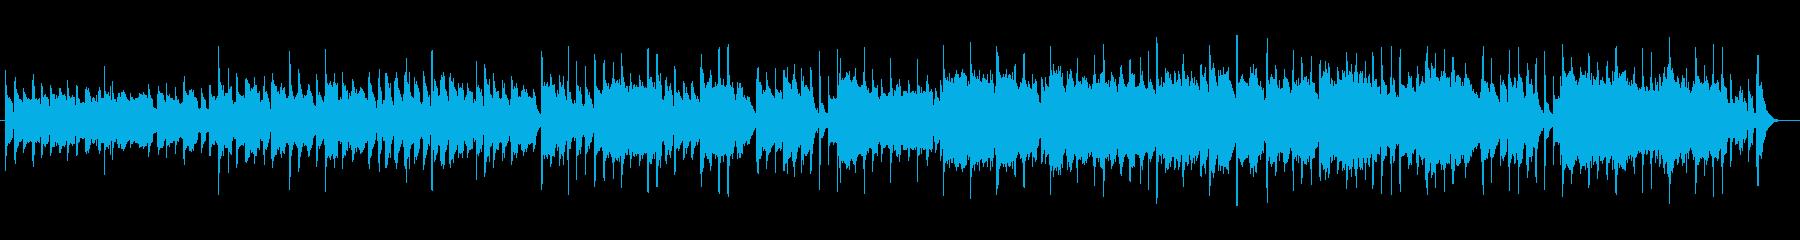 有名人形ファミリーのCMをイメージの再生済みの波形